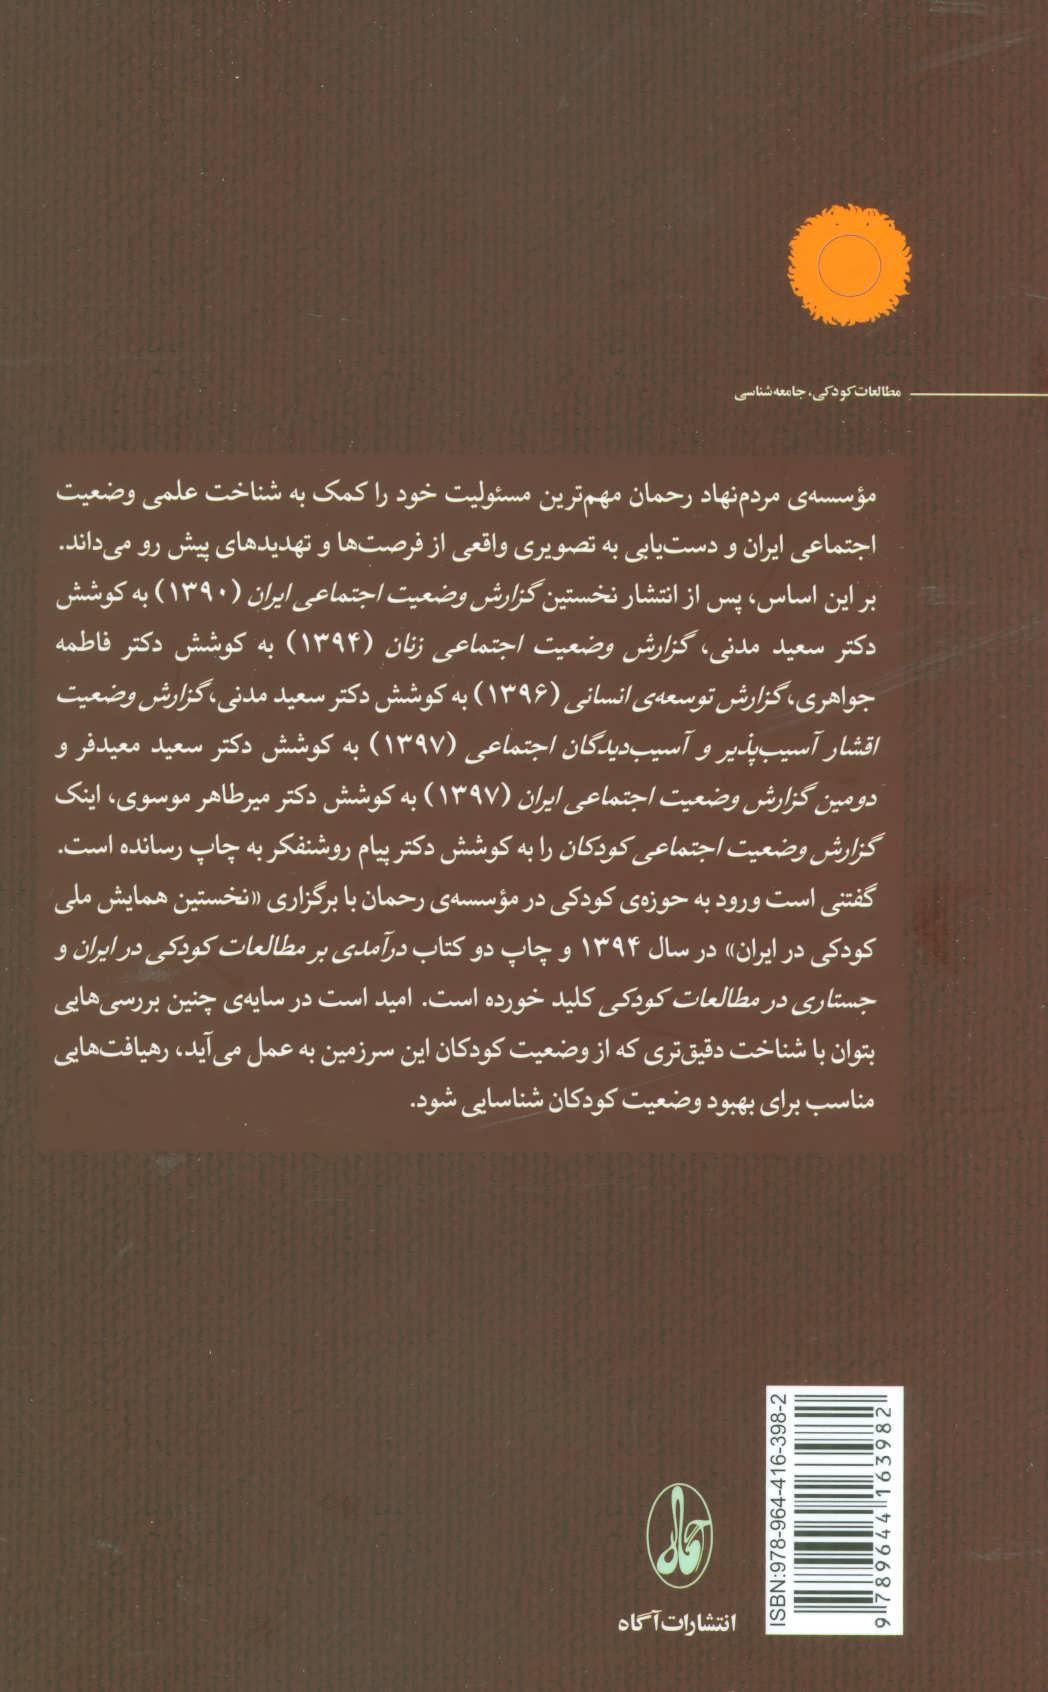 وضعیت اجتماعی کودکان در ایران (1385-1395)